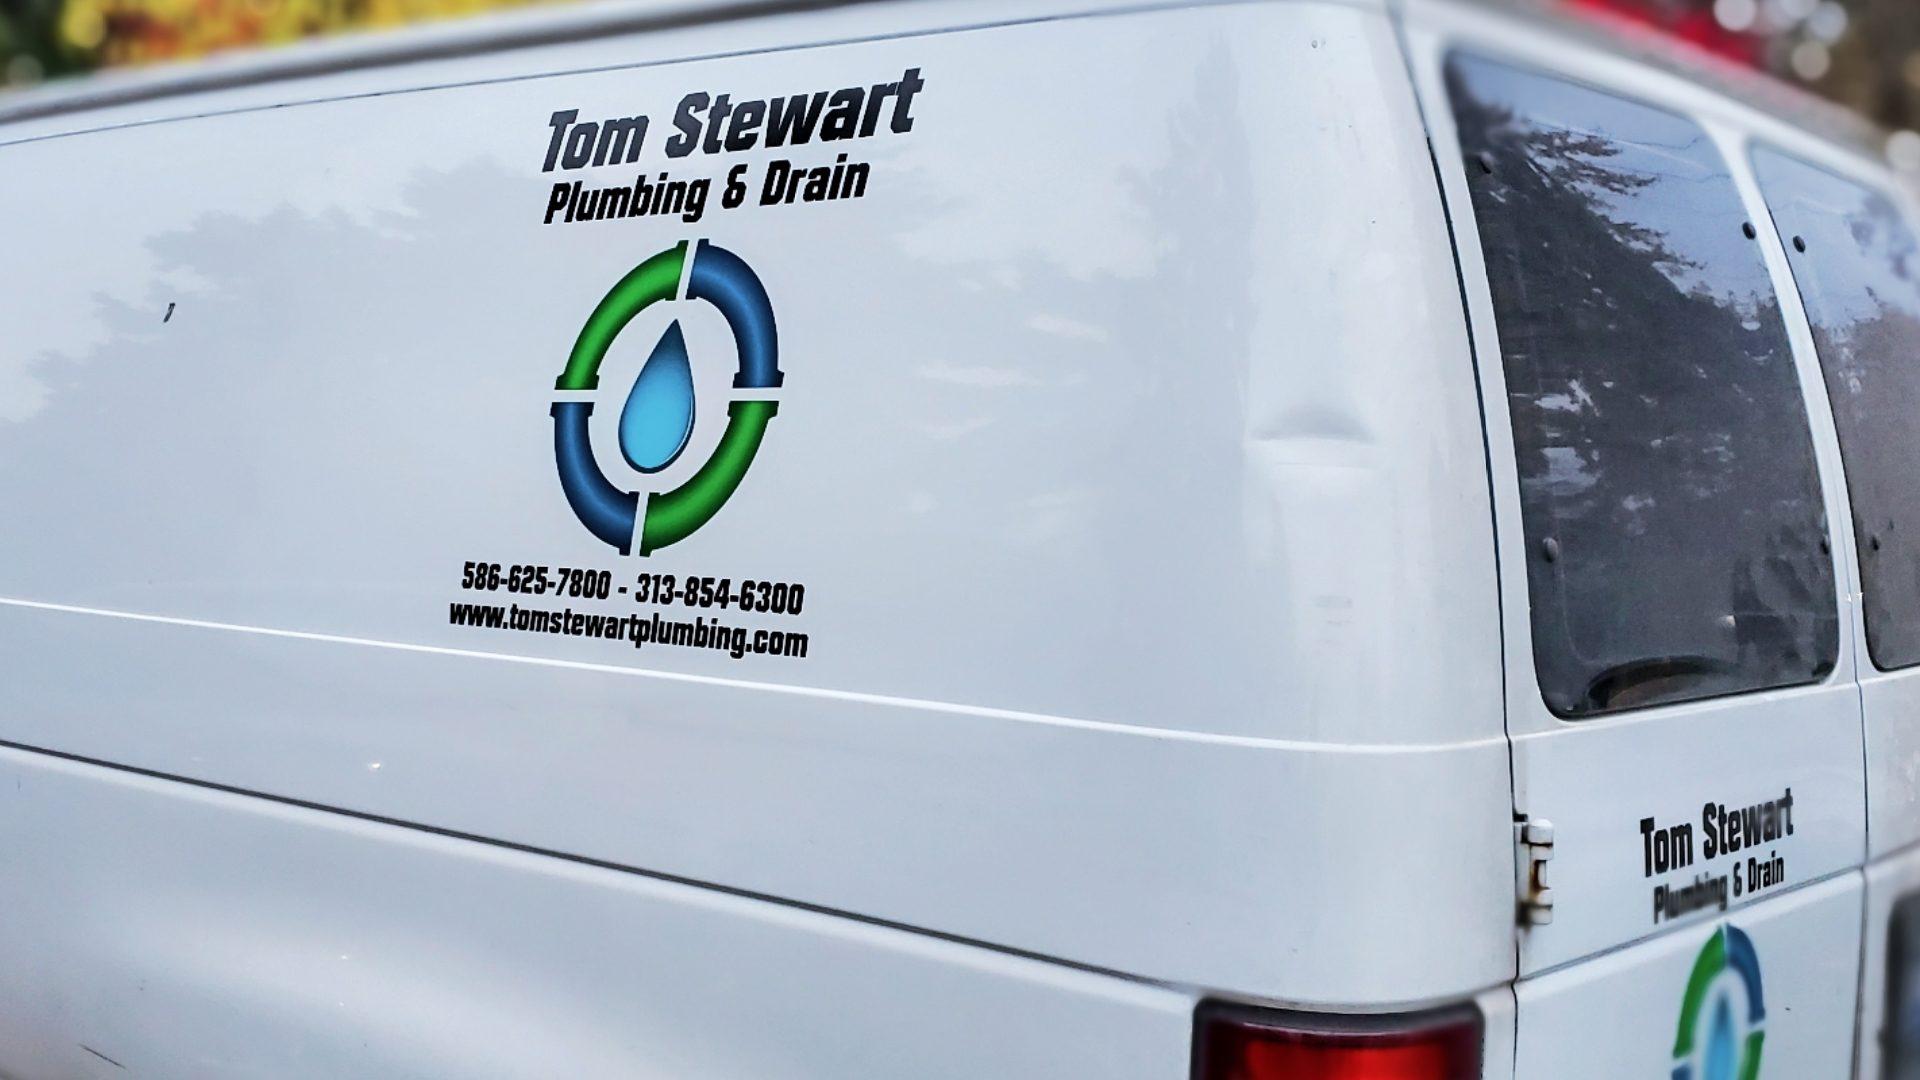 Tom Stewart Plumbing Van Fleet Graphics (8)